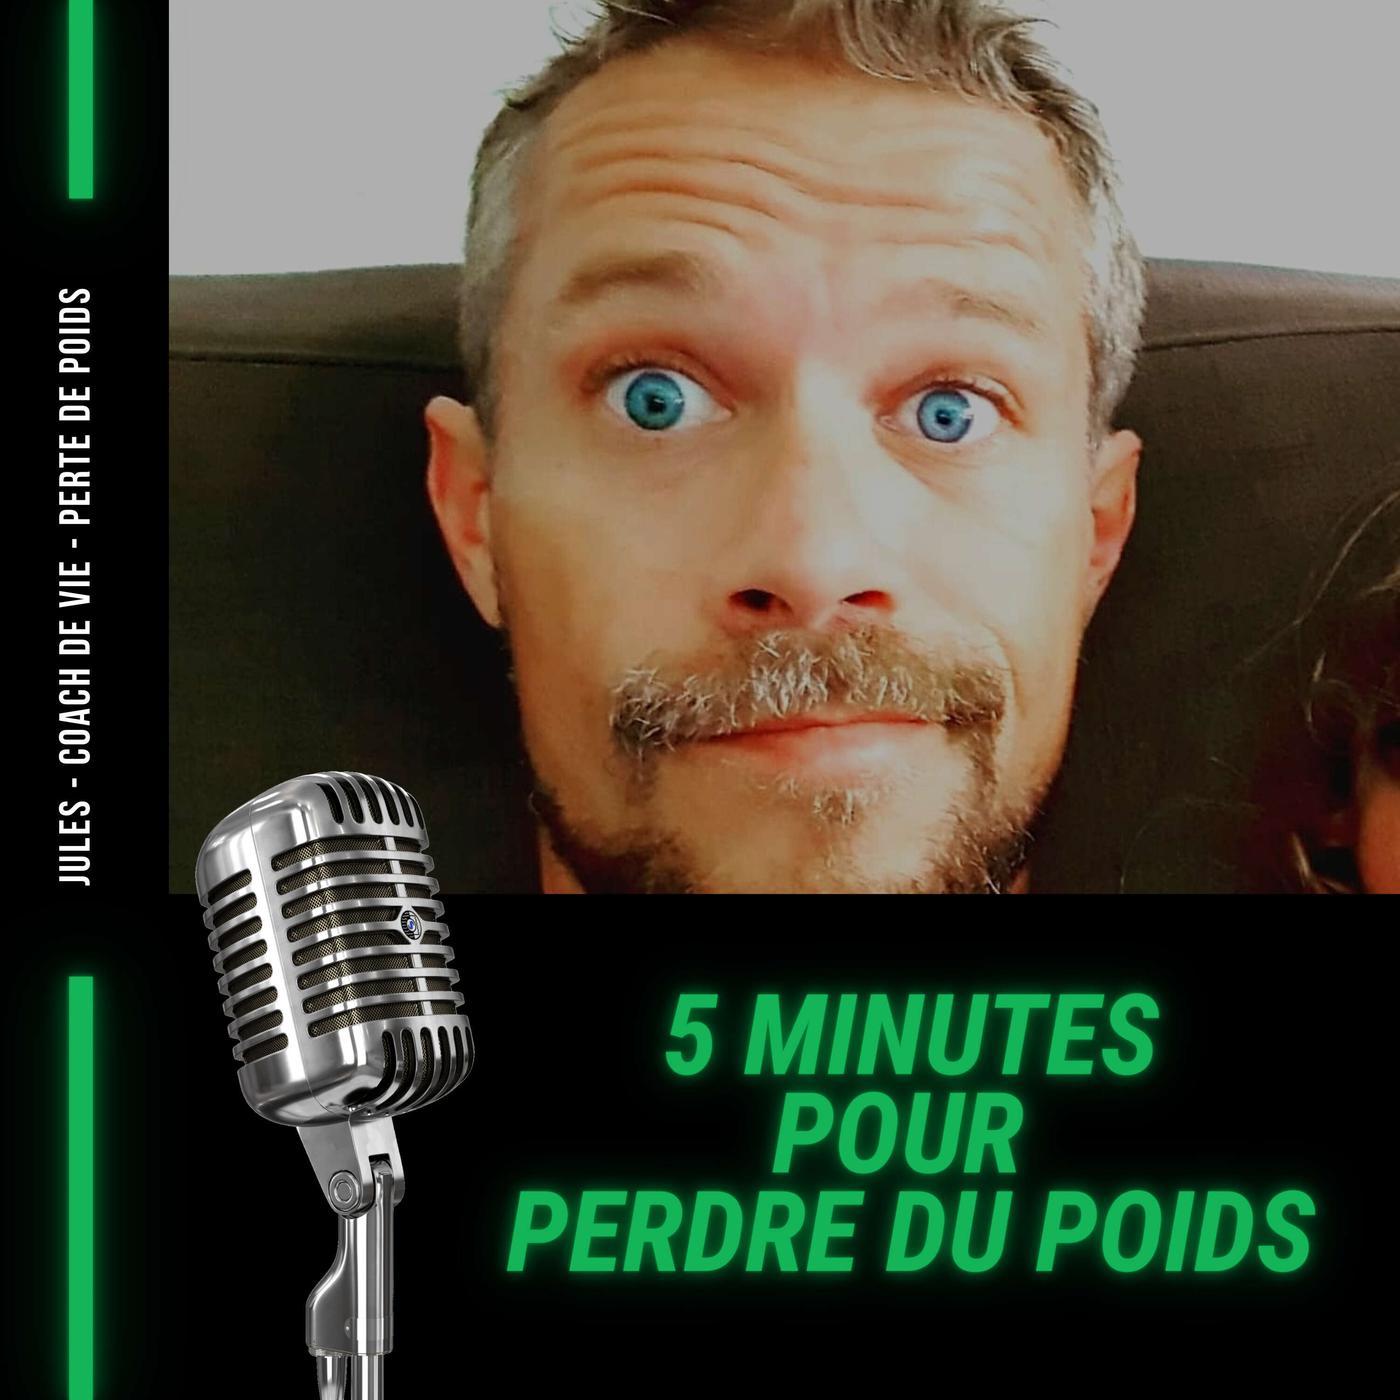 Le Rééquilibrage Alimentaire - Podcast - iTunes France